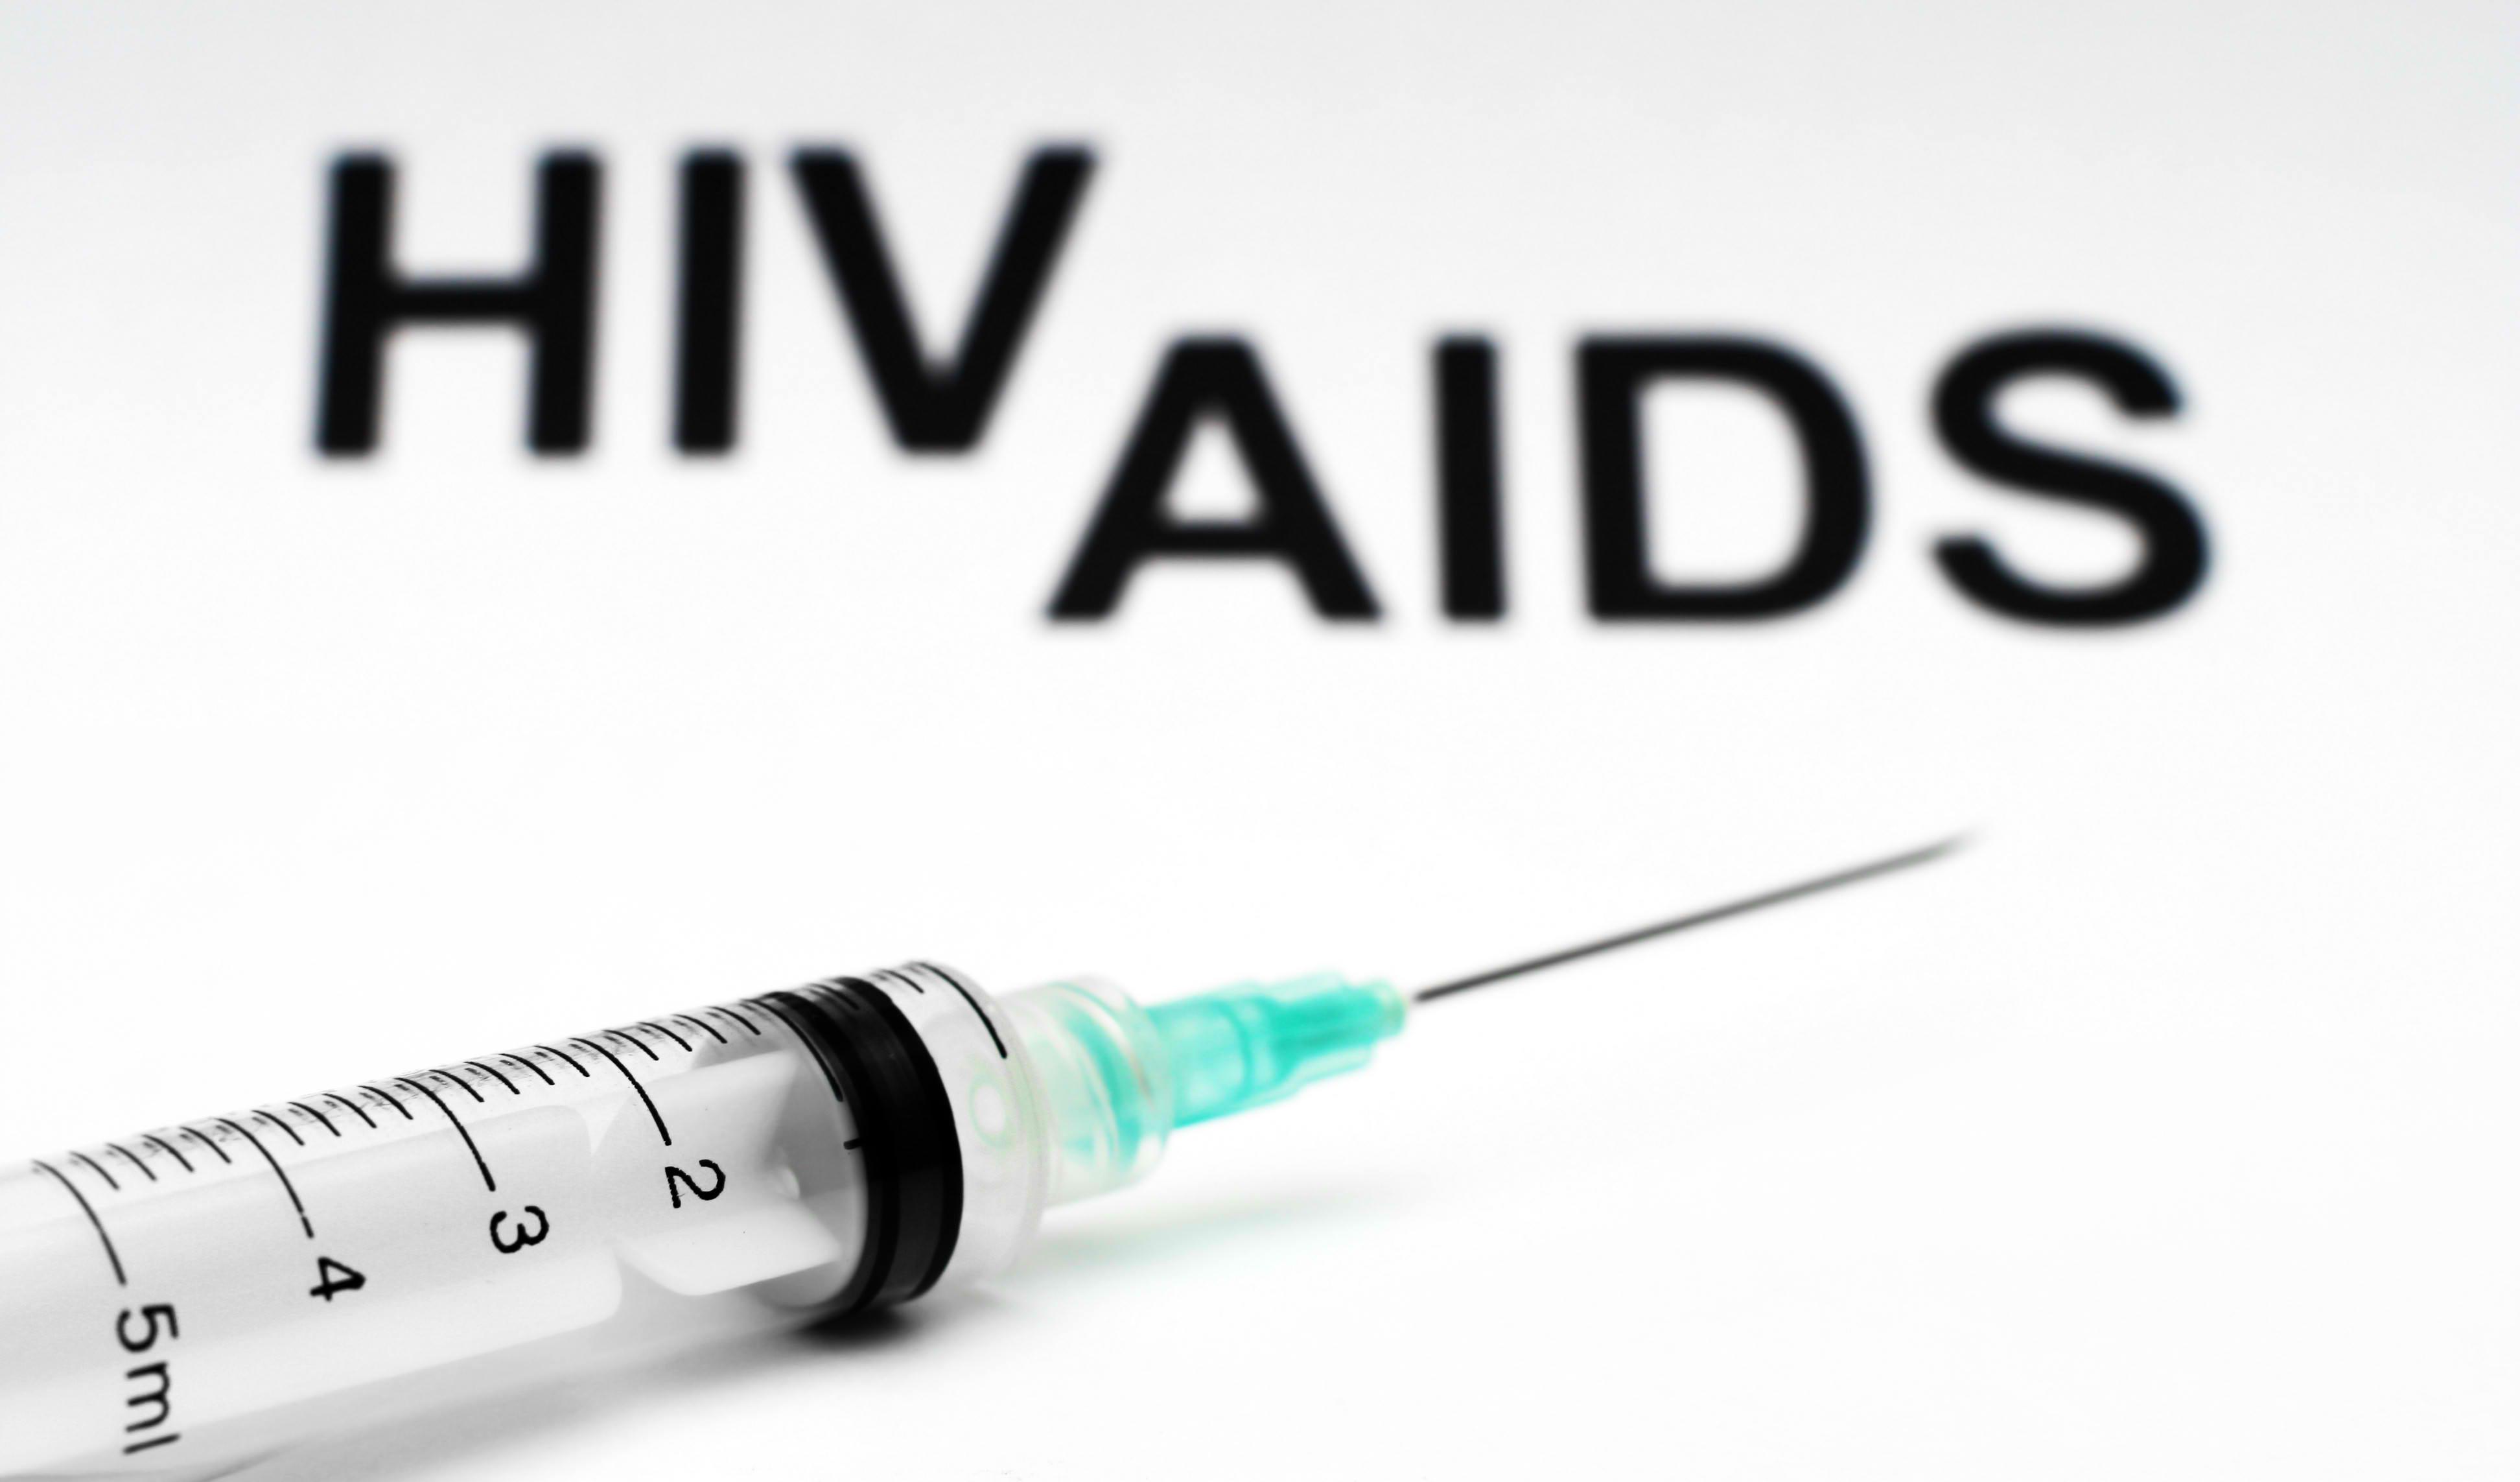 عامل بیماری ایدز چیست؟ (احمد رهنمای چیت ساز)